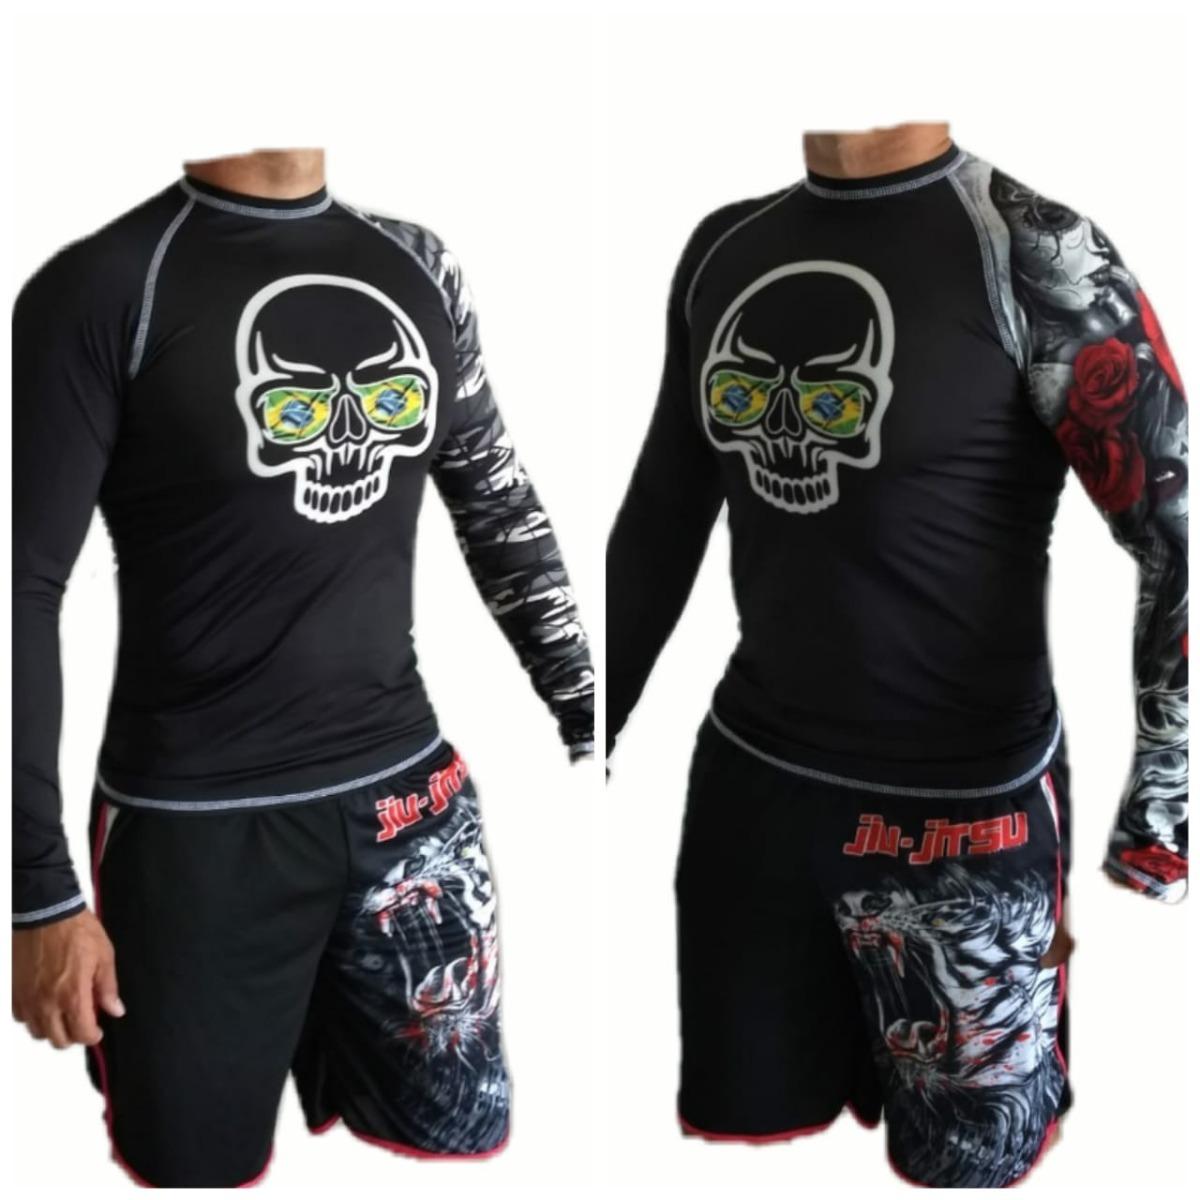 587aff9c4fe camiseta under armour de compressão treino academia. Carregando zoom.